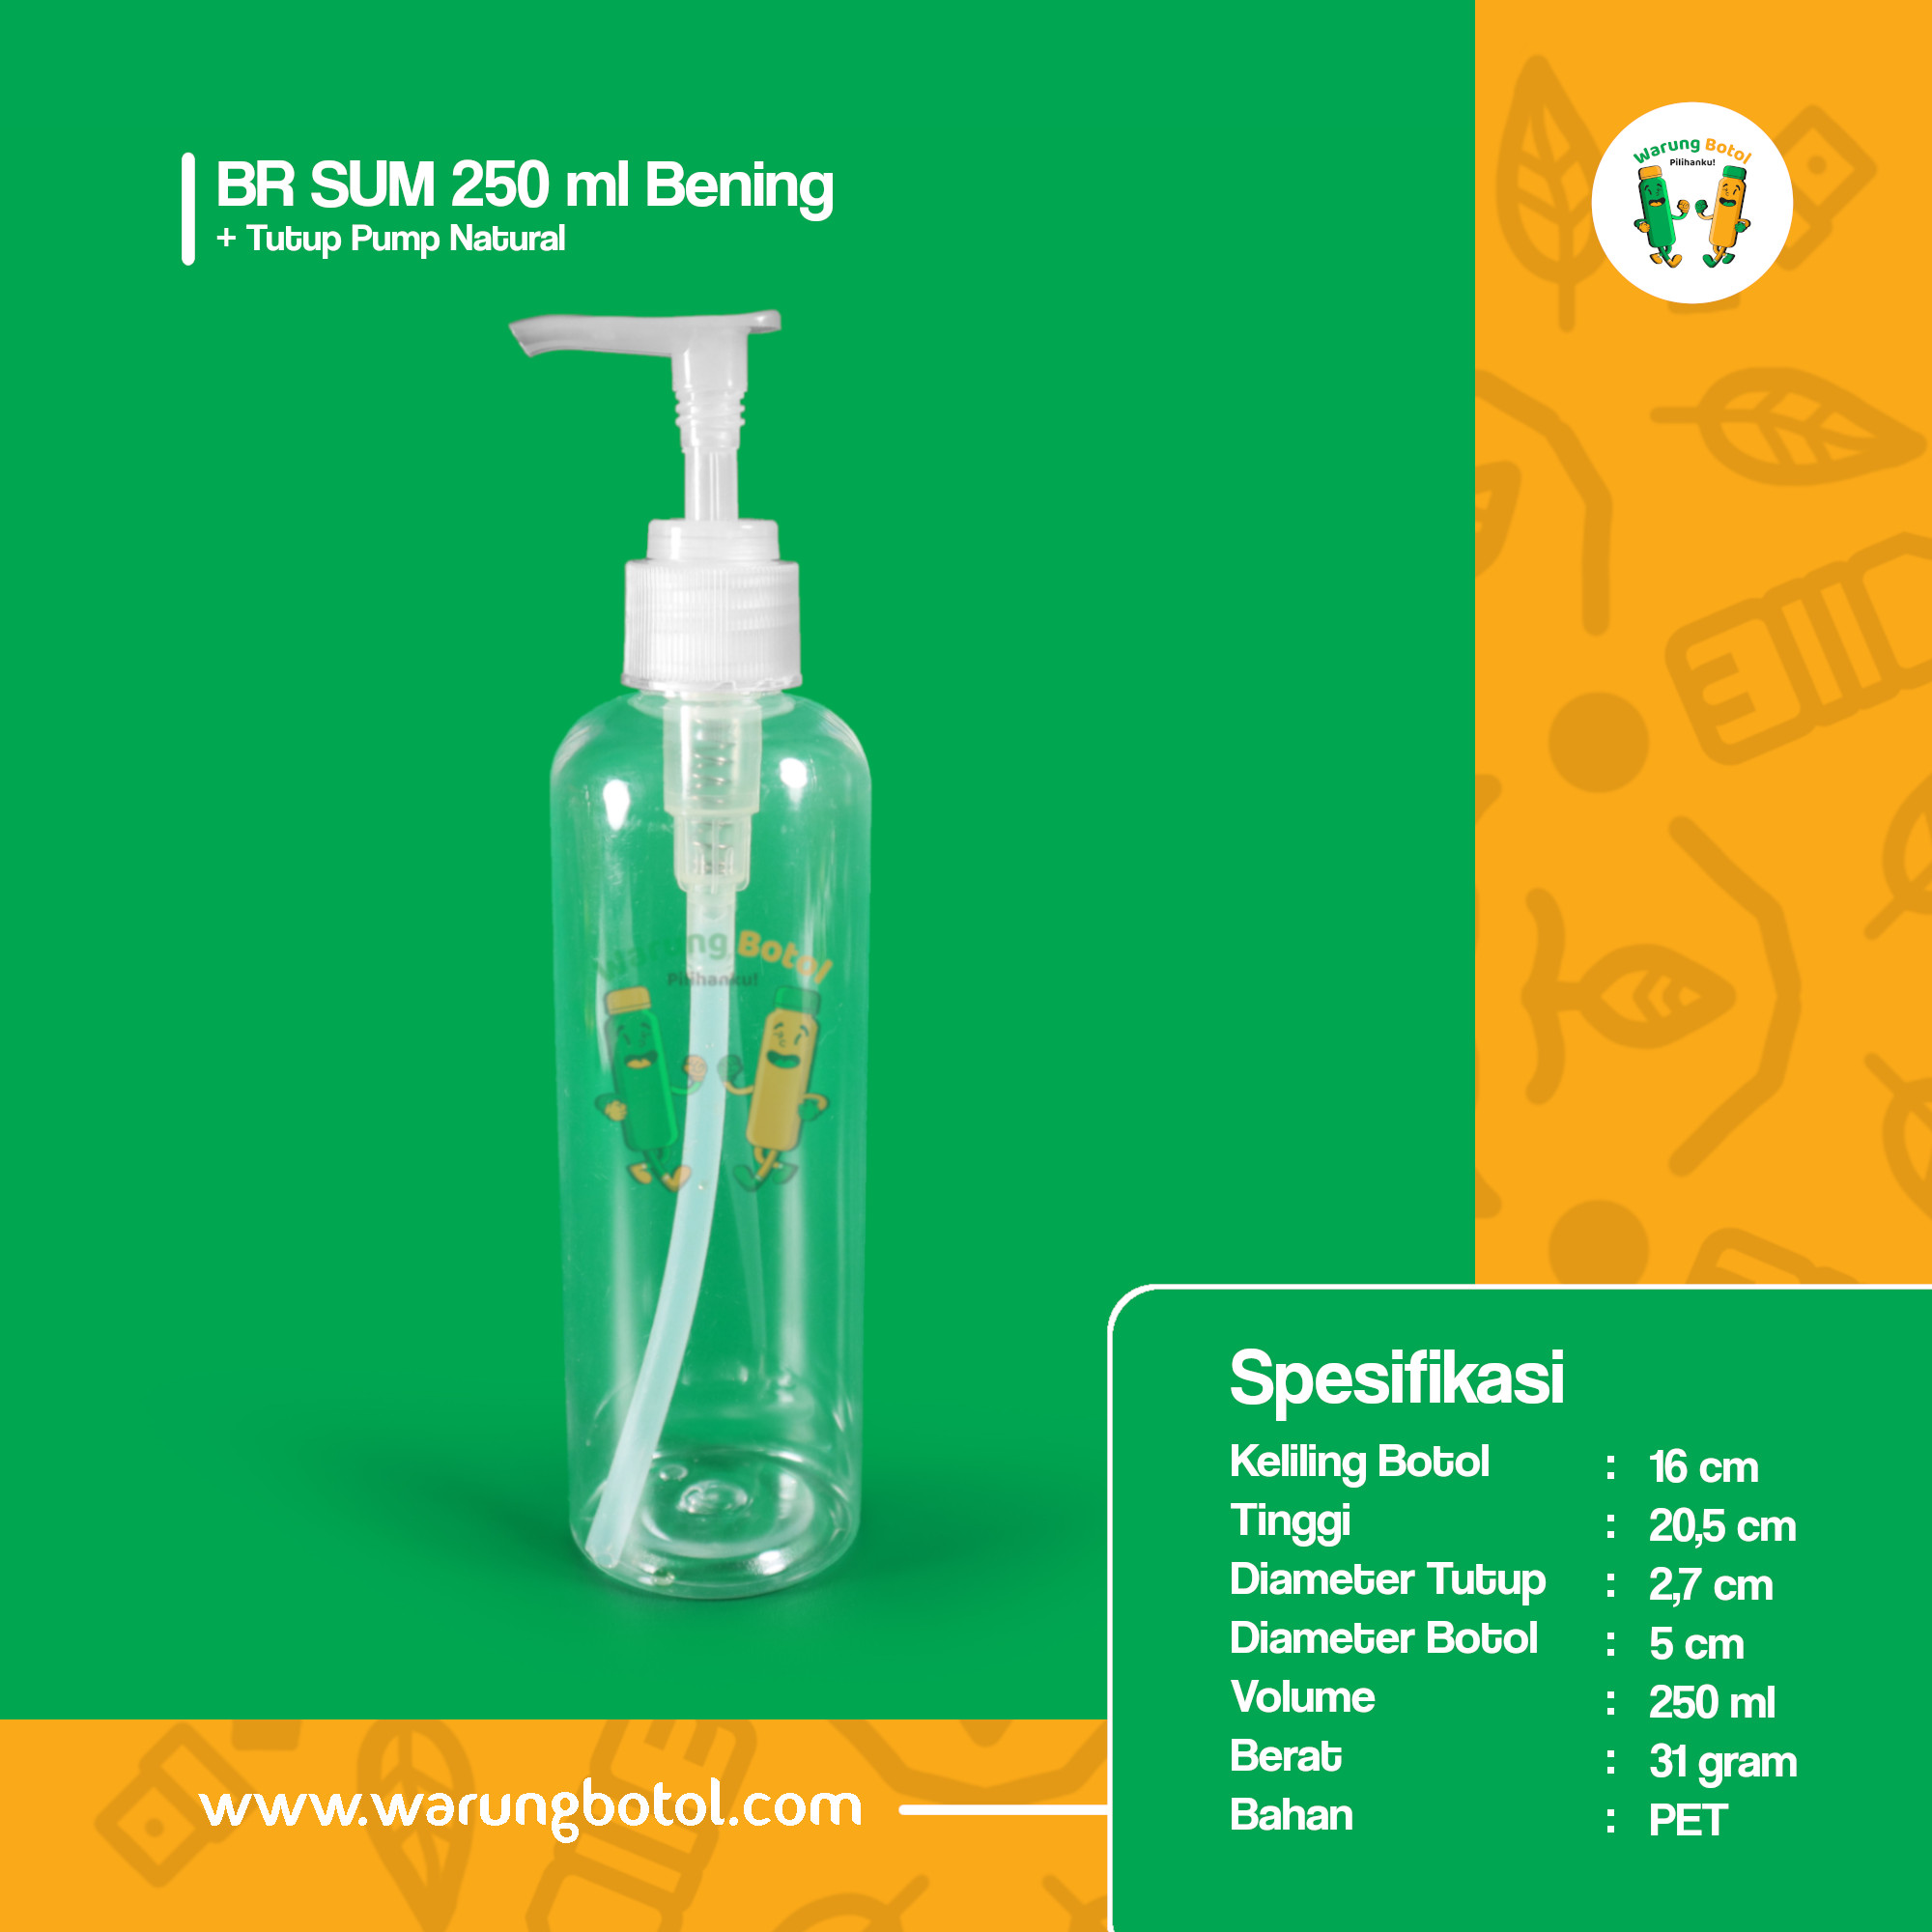 Distributor Toko jual botol plastik hand sanitizer, sabun cair 250ml tutup pump di bandung, bogor, jakarta, bekasi dan sekitarnya